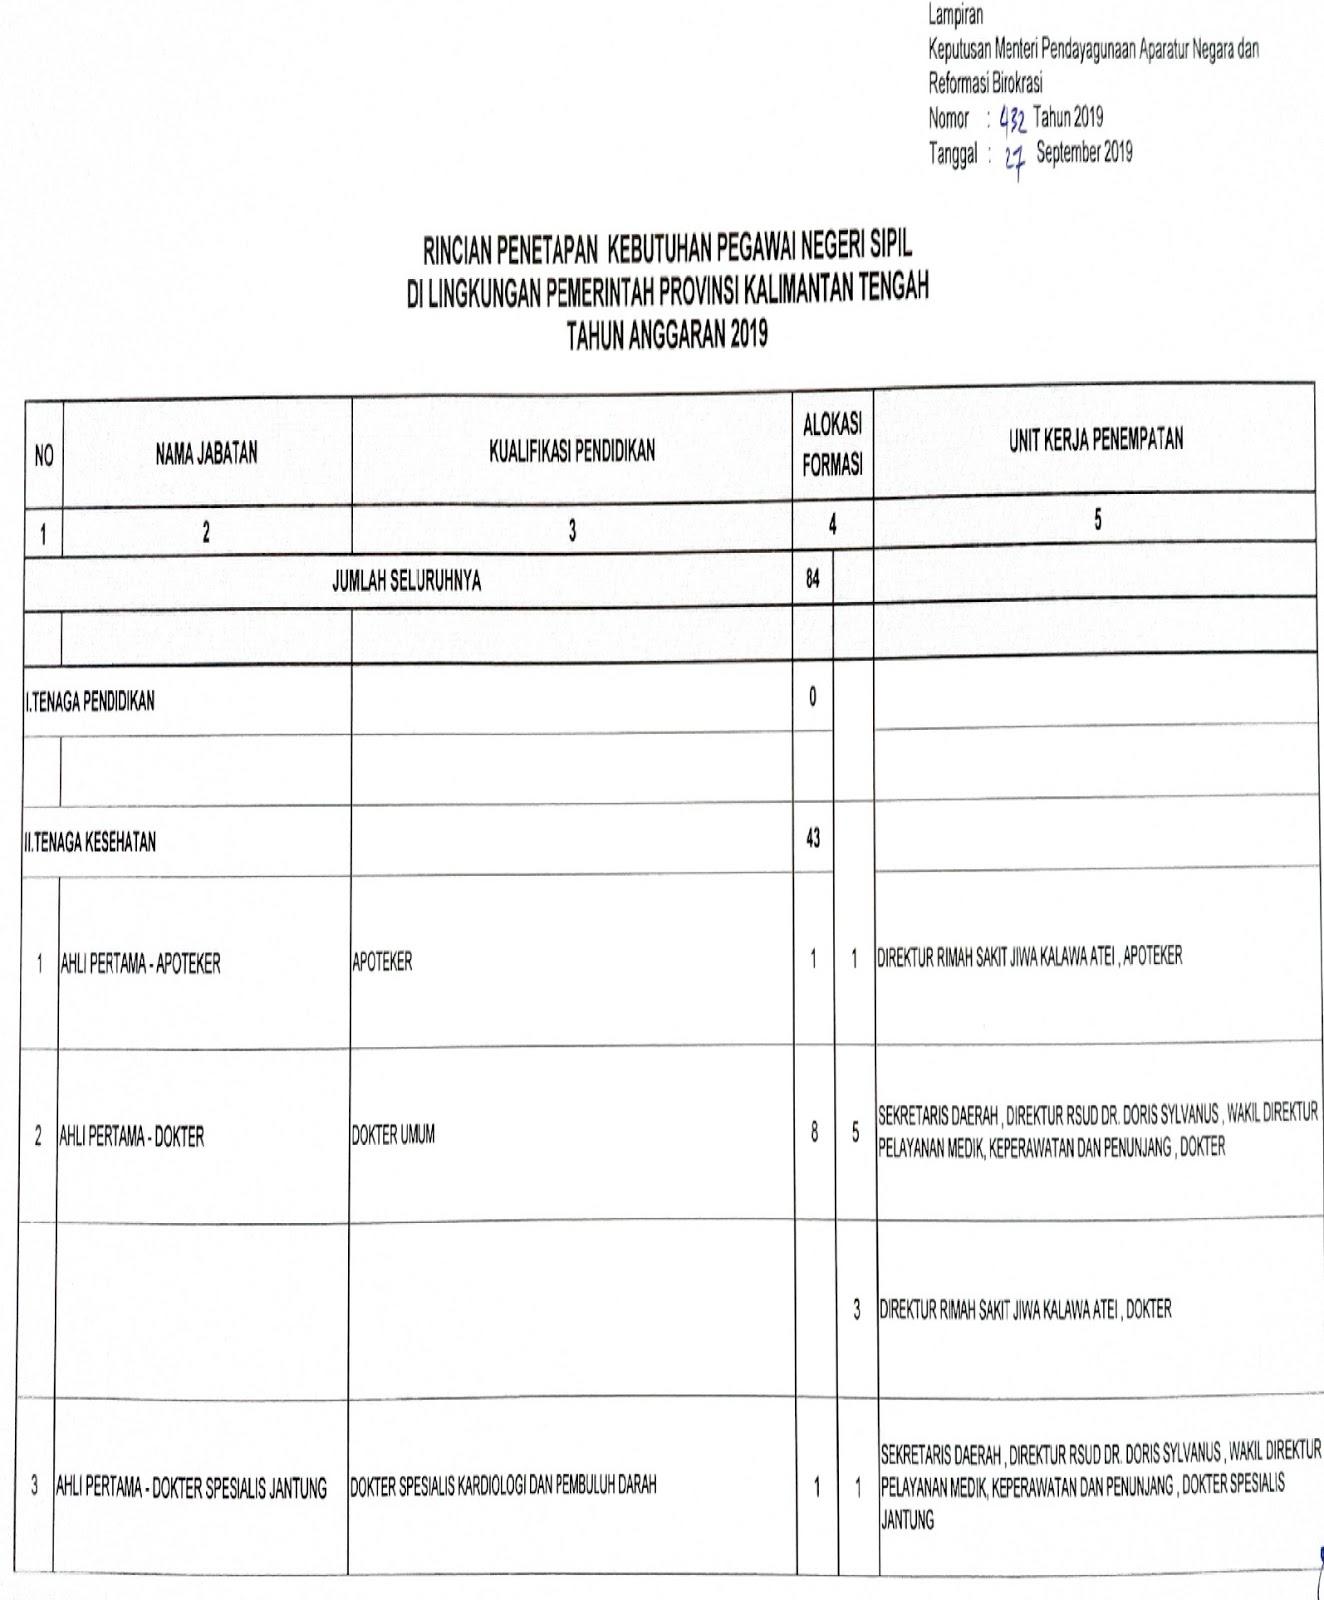 Download Formasi CPNS Pemerintah Provinsi Kalimantan Tengah Tahun 2019